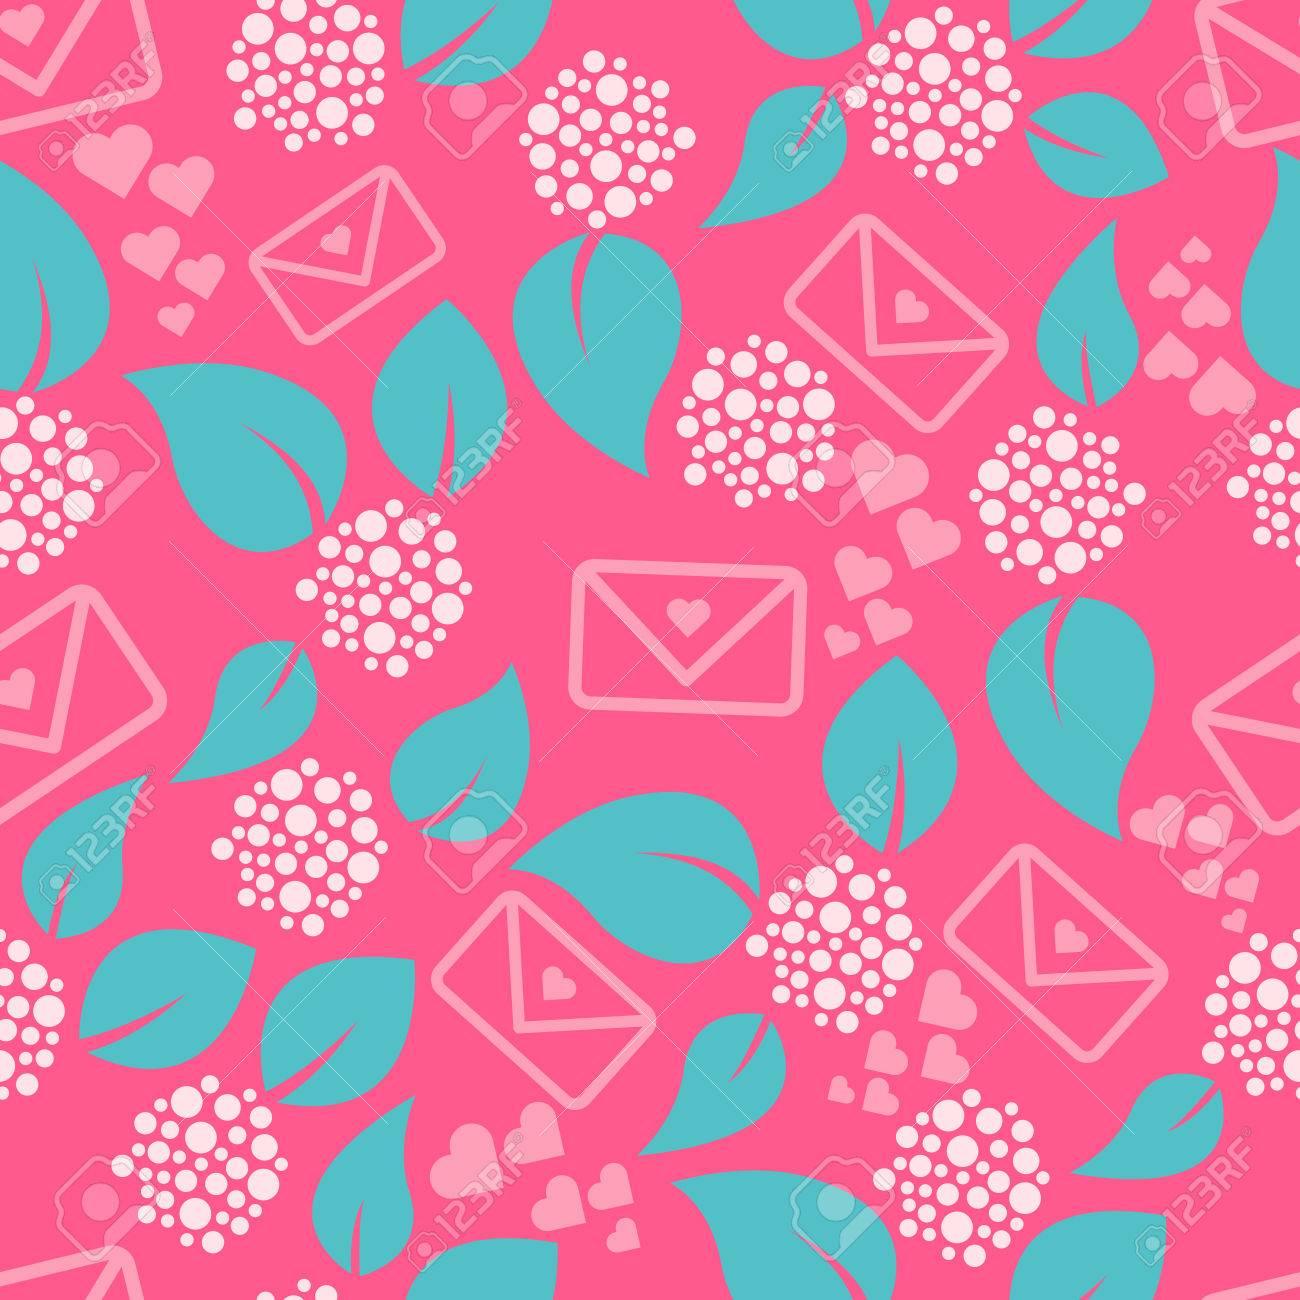 Romantische Briefe Und Blumen Stieg Nahtlose Muster Blätter